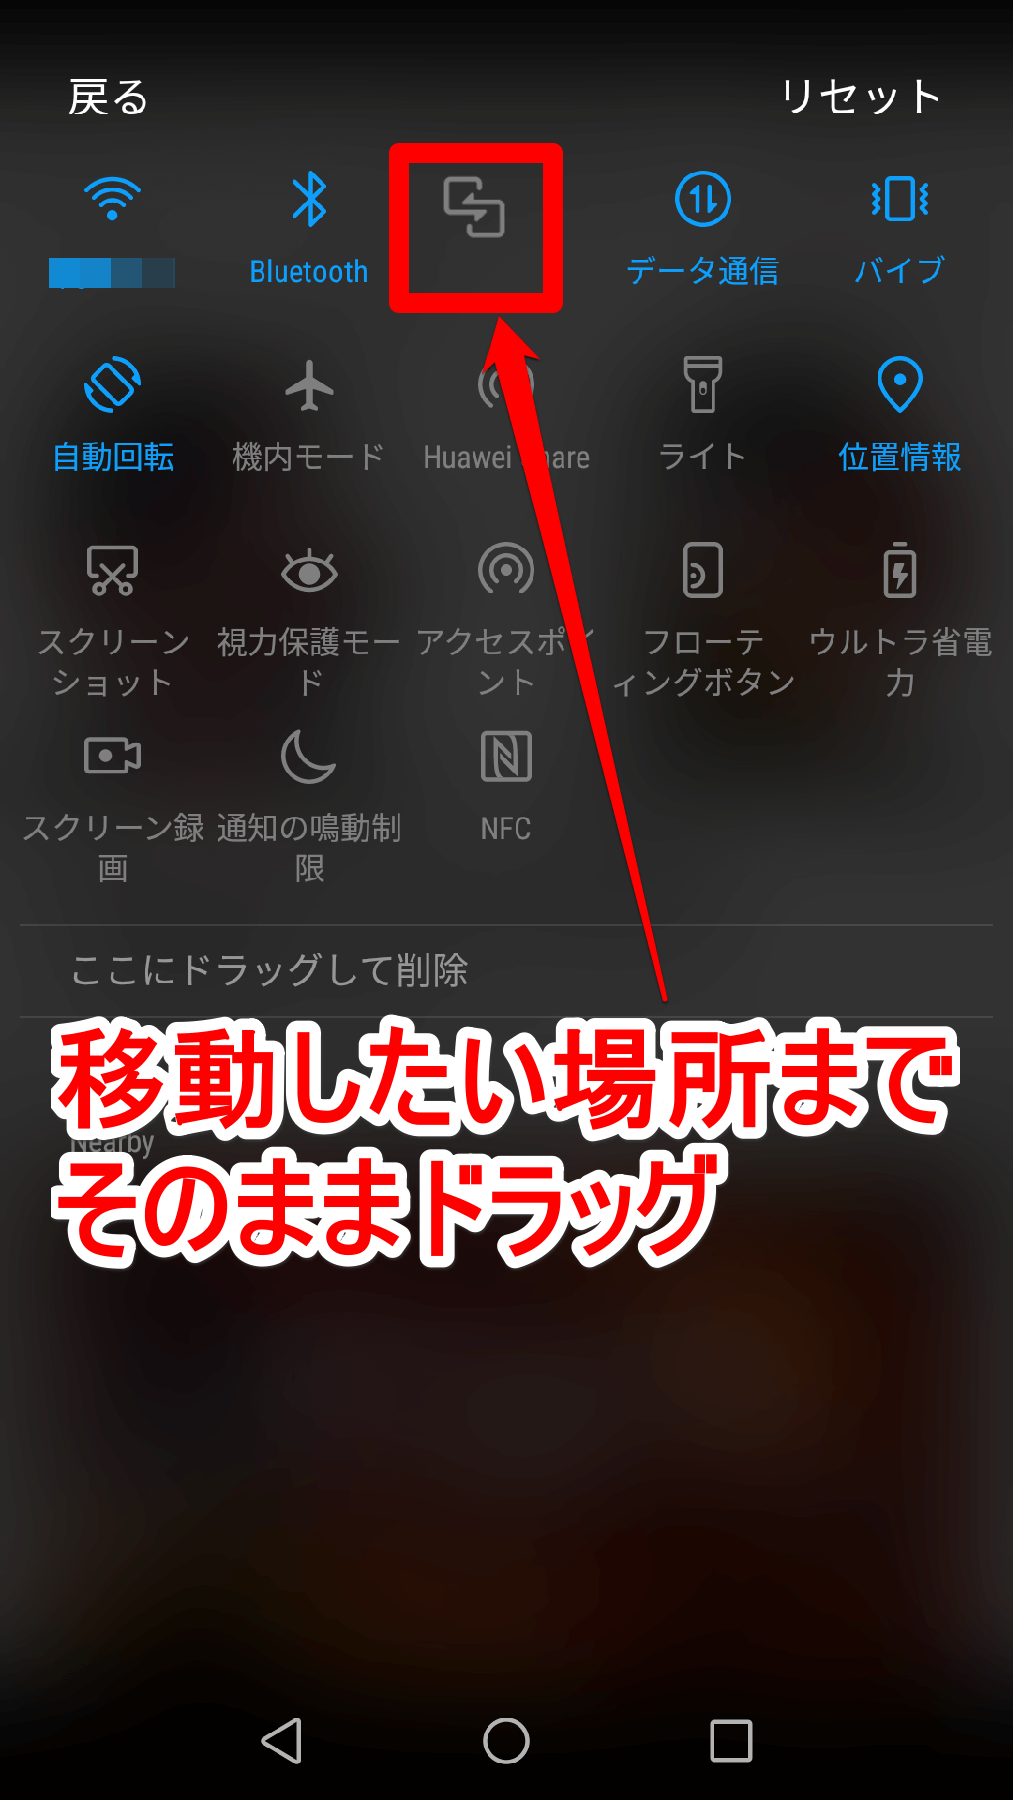 アンドロイドスマートフォンのクイック設定パネルをカスタマイズする画面その2